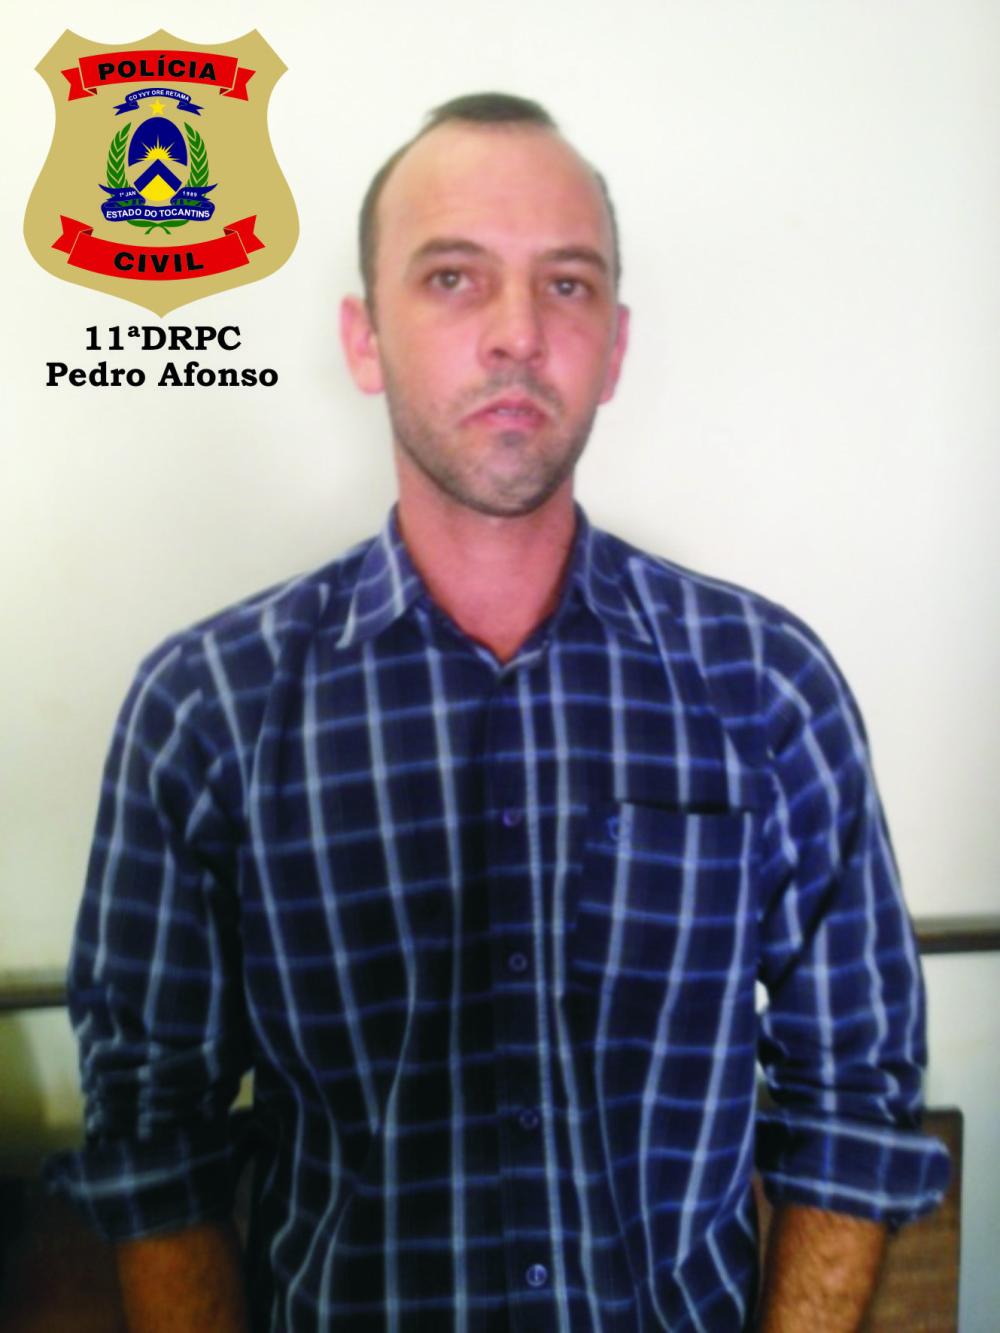 Suspeitos de estelionato são presos pela Polícia Civil no interior do Estado